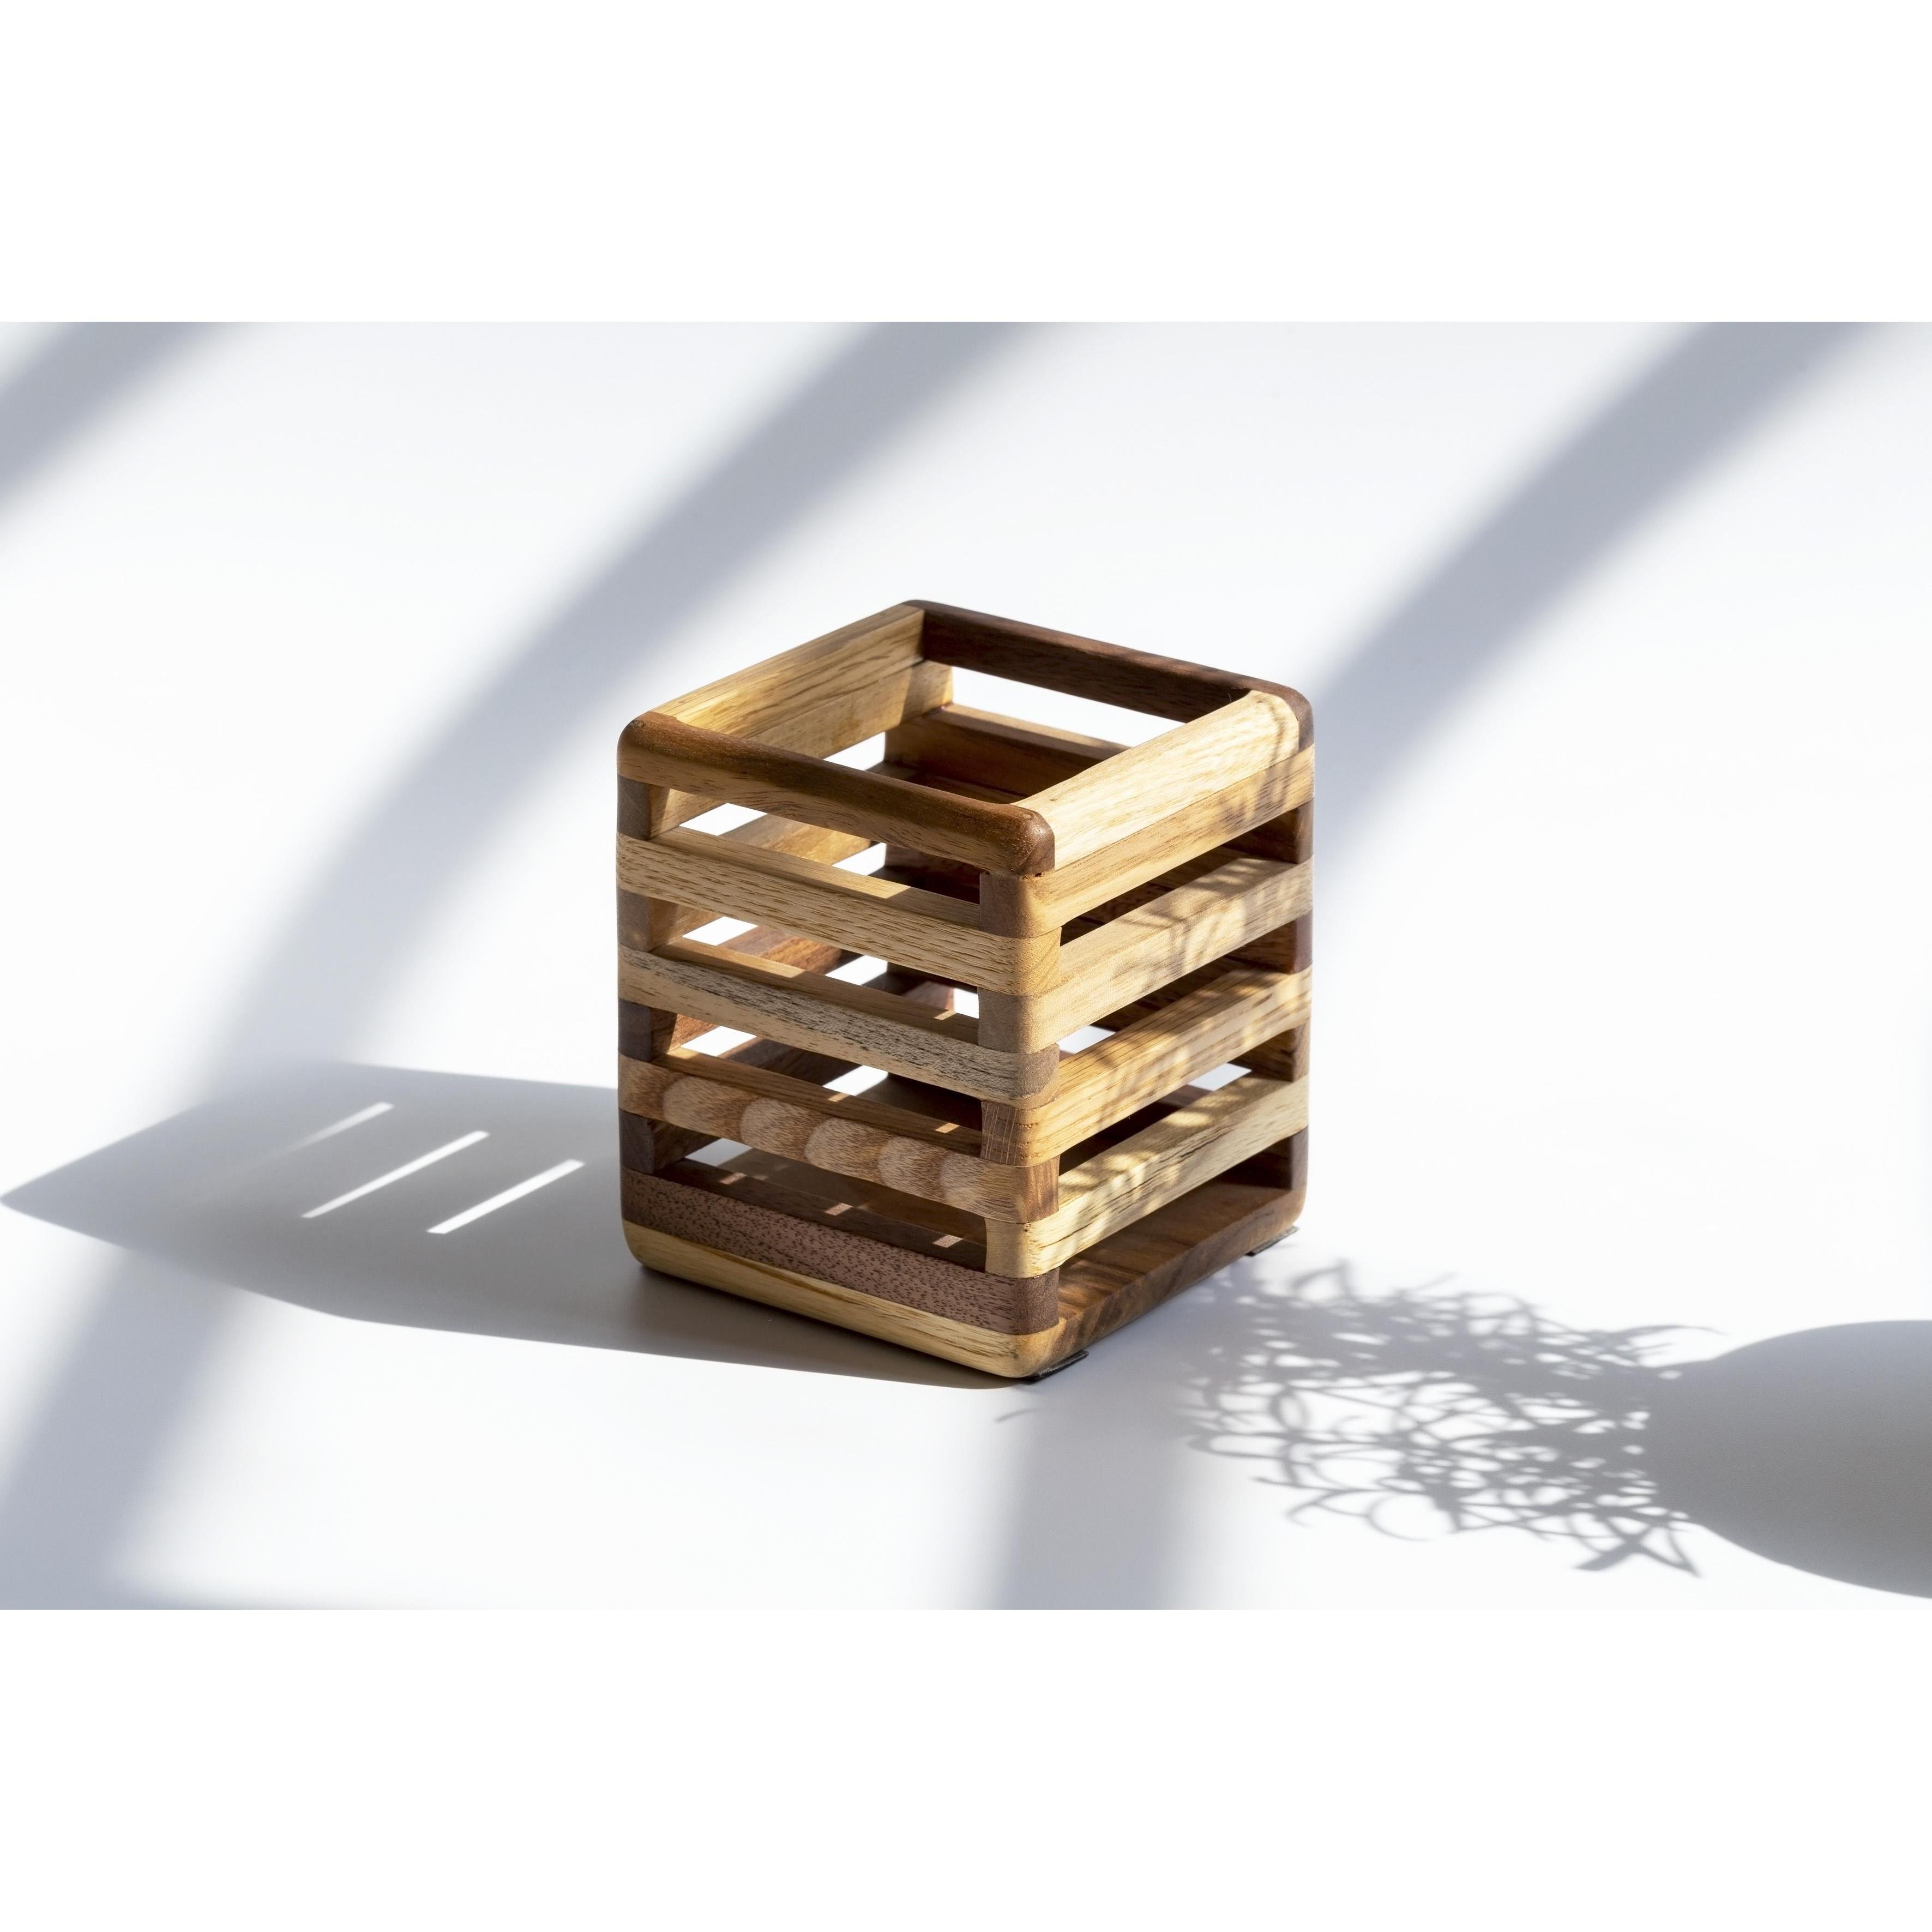 Đồ cắm bút đa năng bằng gỗ tự nhiên